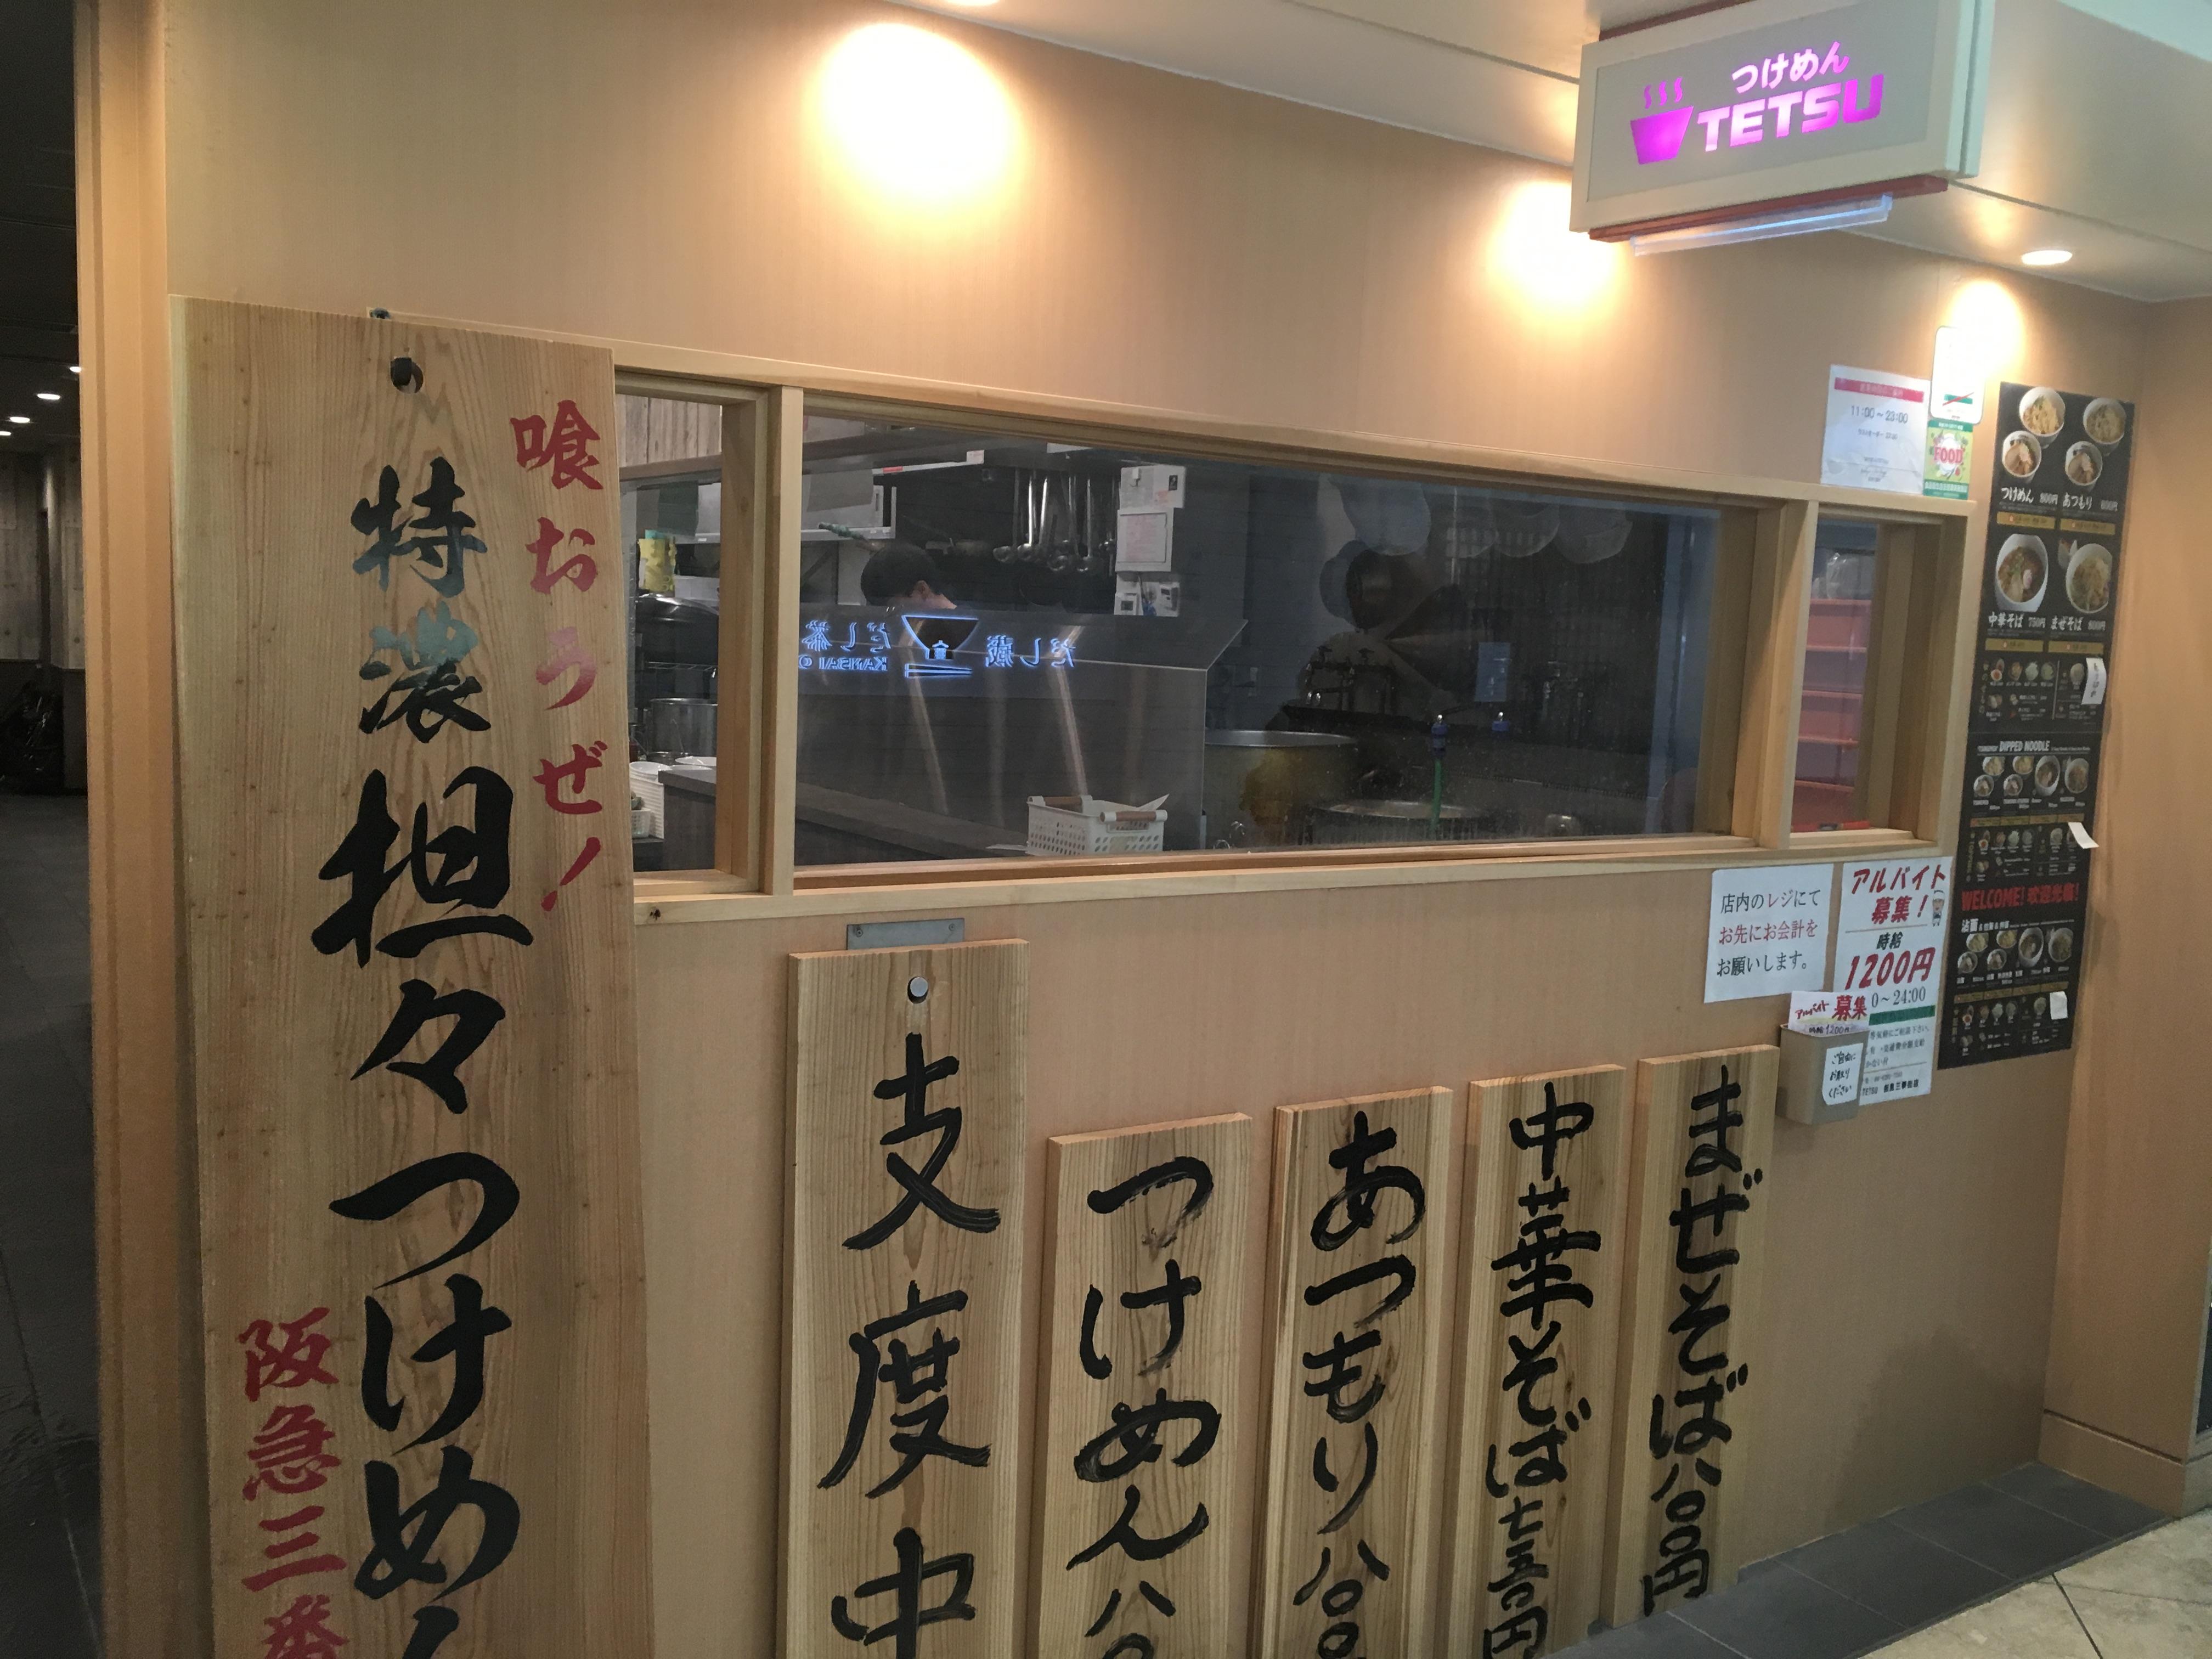 阪急三番街TETSU